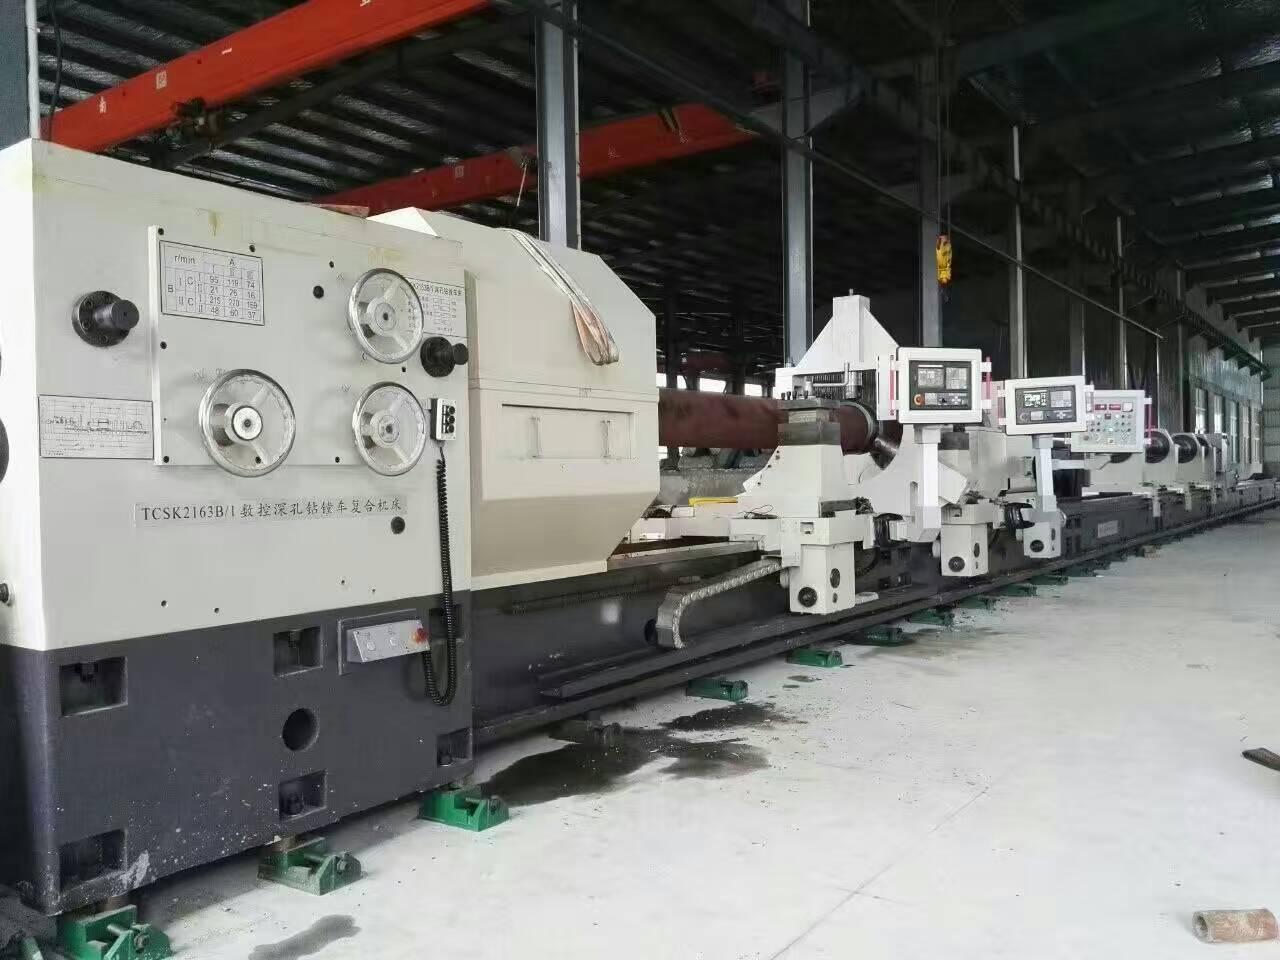 TSK2163 CNC deep hole turning and boring machine